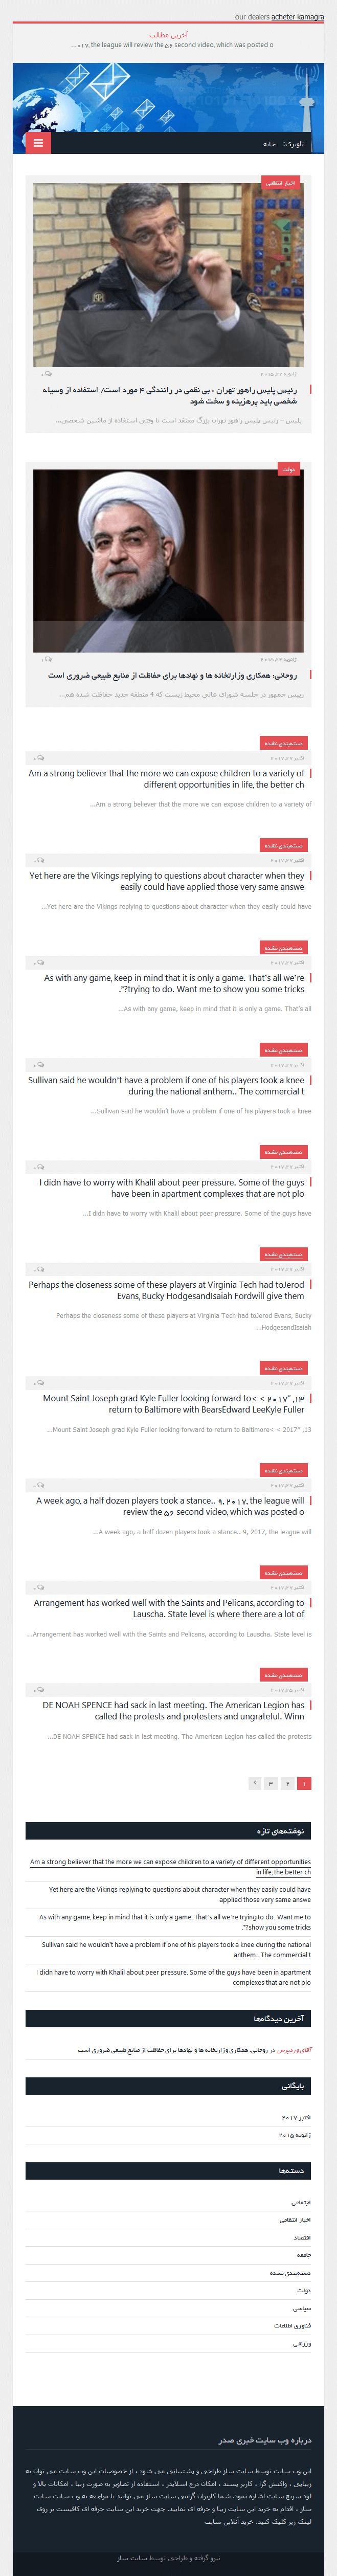 حالت تبلت سایت خبری صدر